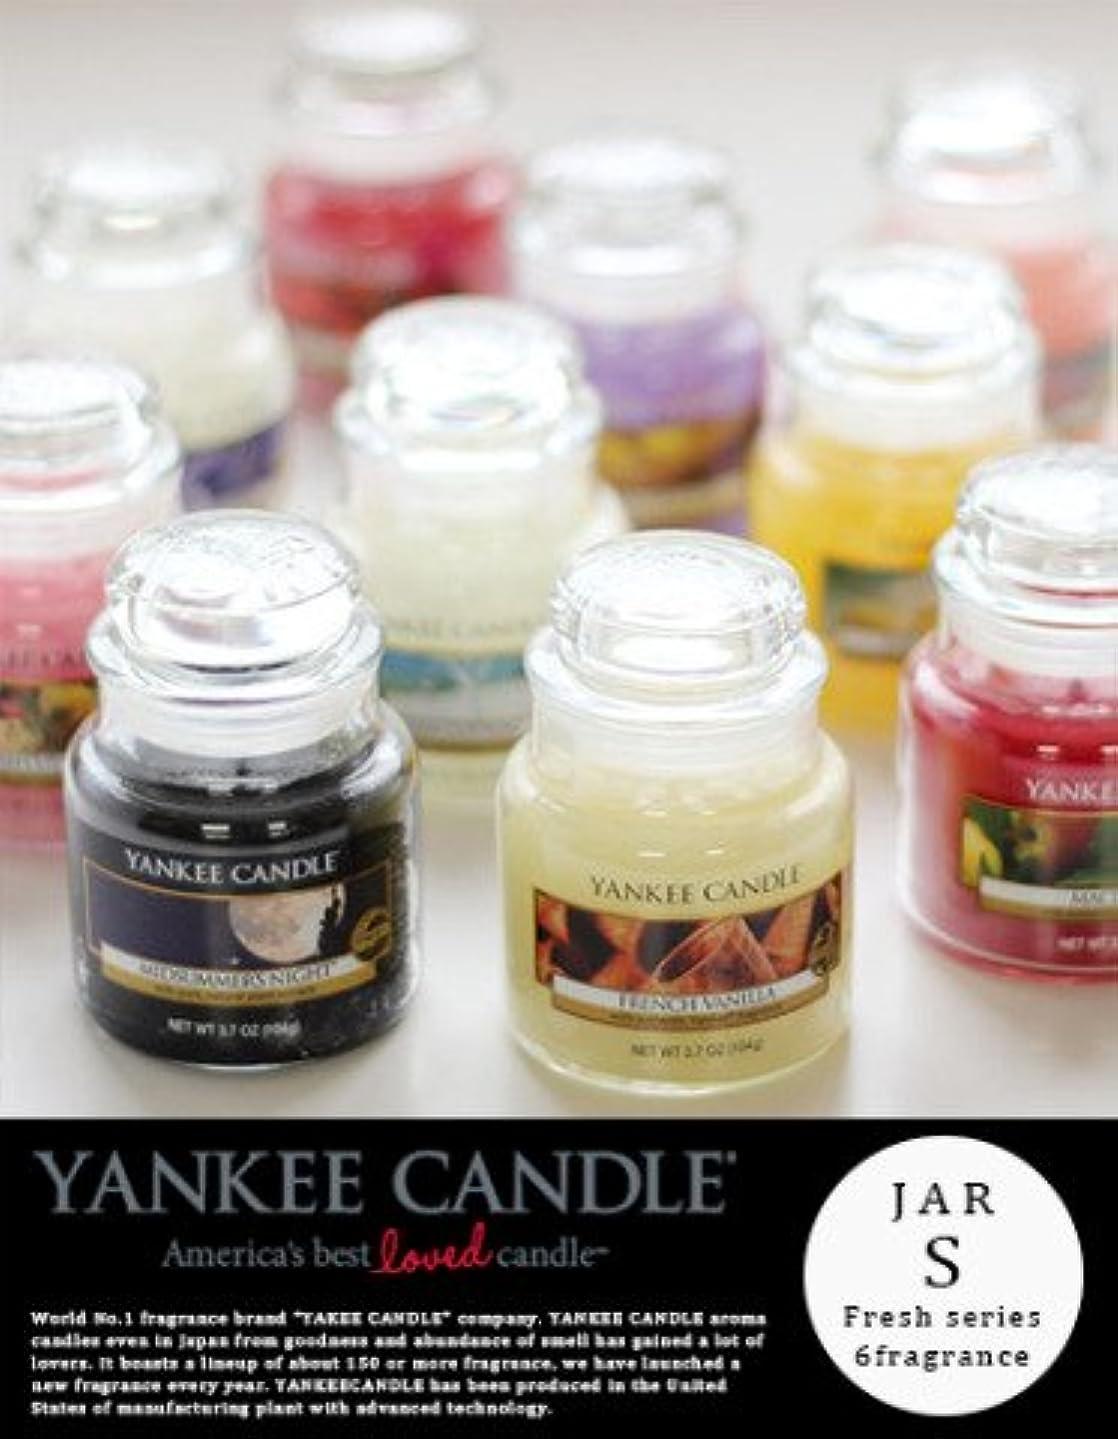 年次酸化するかんがいYANKEE CANDLE ヤンキーキャンドル ジャーS フレッシュシリーズ【クリーンコットン】